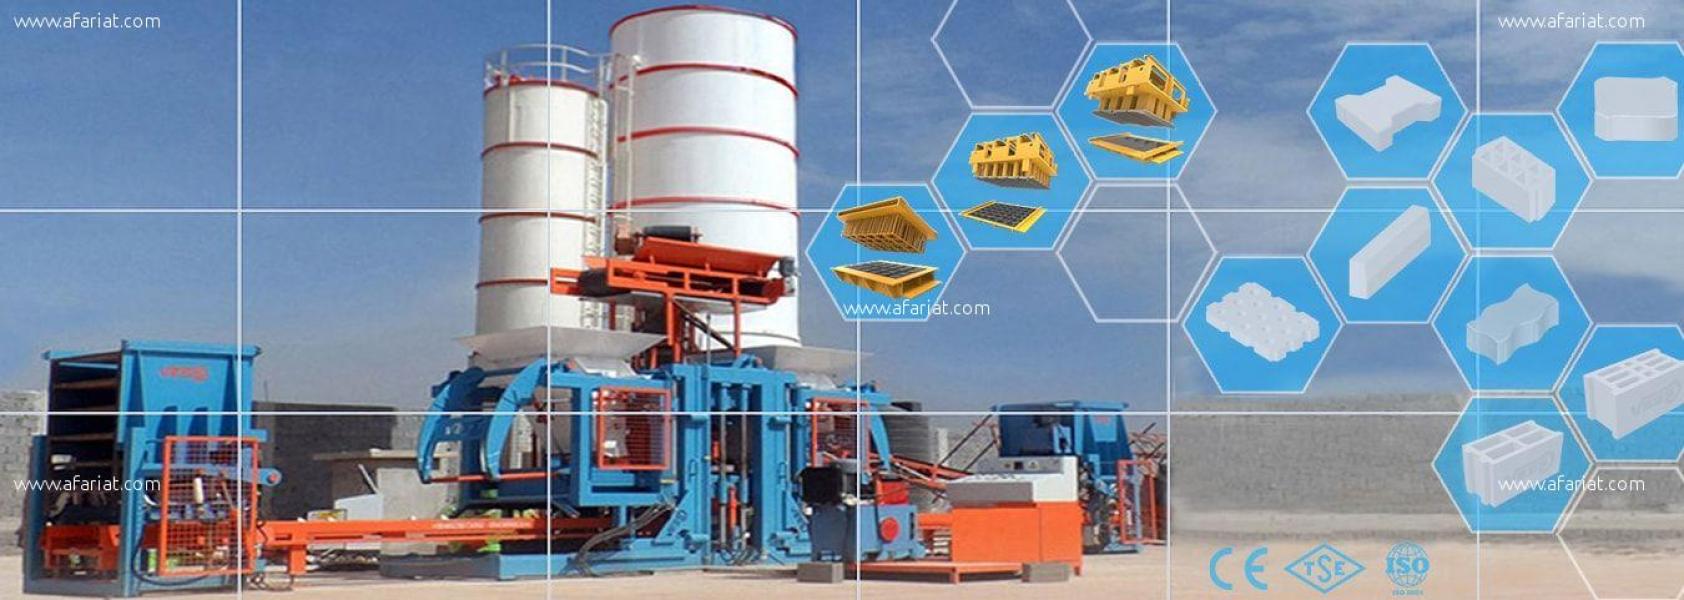 Annonce sur Affariat Tunisie pour: MACHINE DE PARPAING PAVE NEUF  A VENDRE